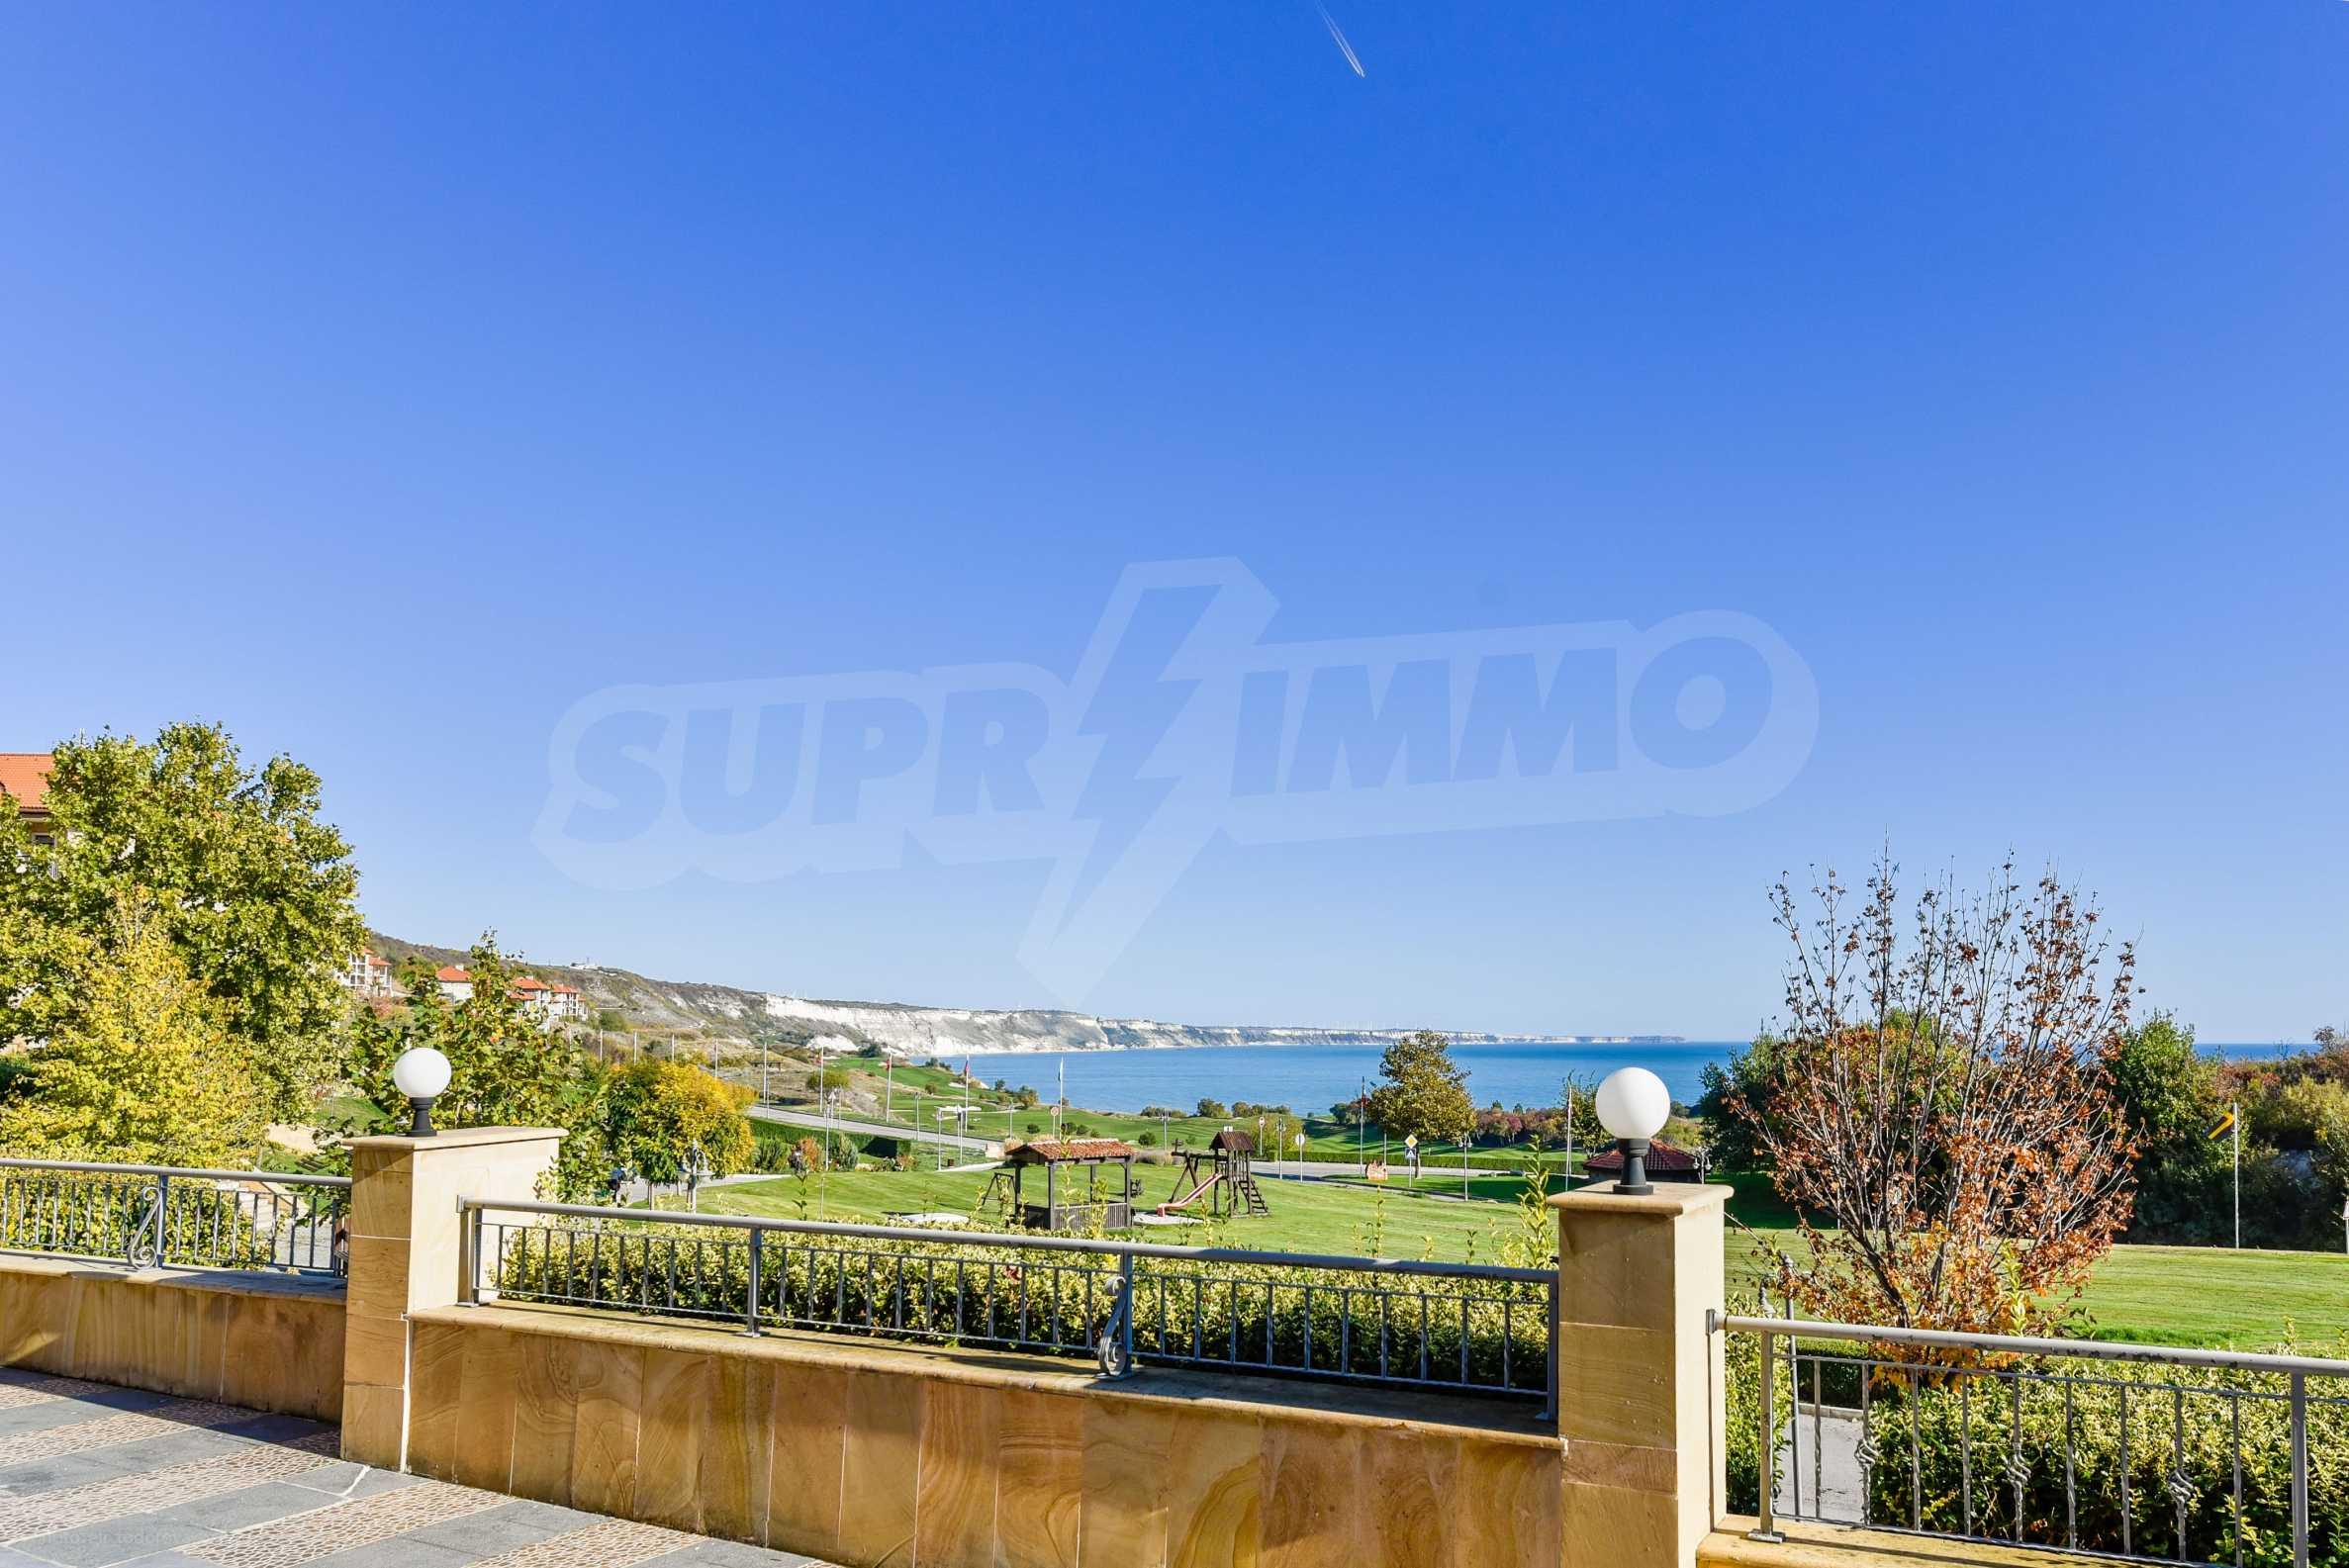 Thracian Cliffs Golf & Beach Resort - гольф-курорт мирового класса 11